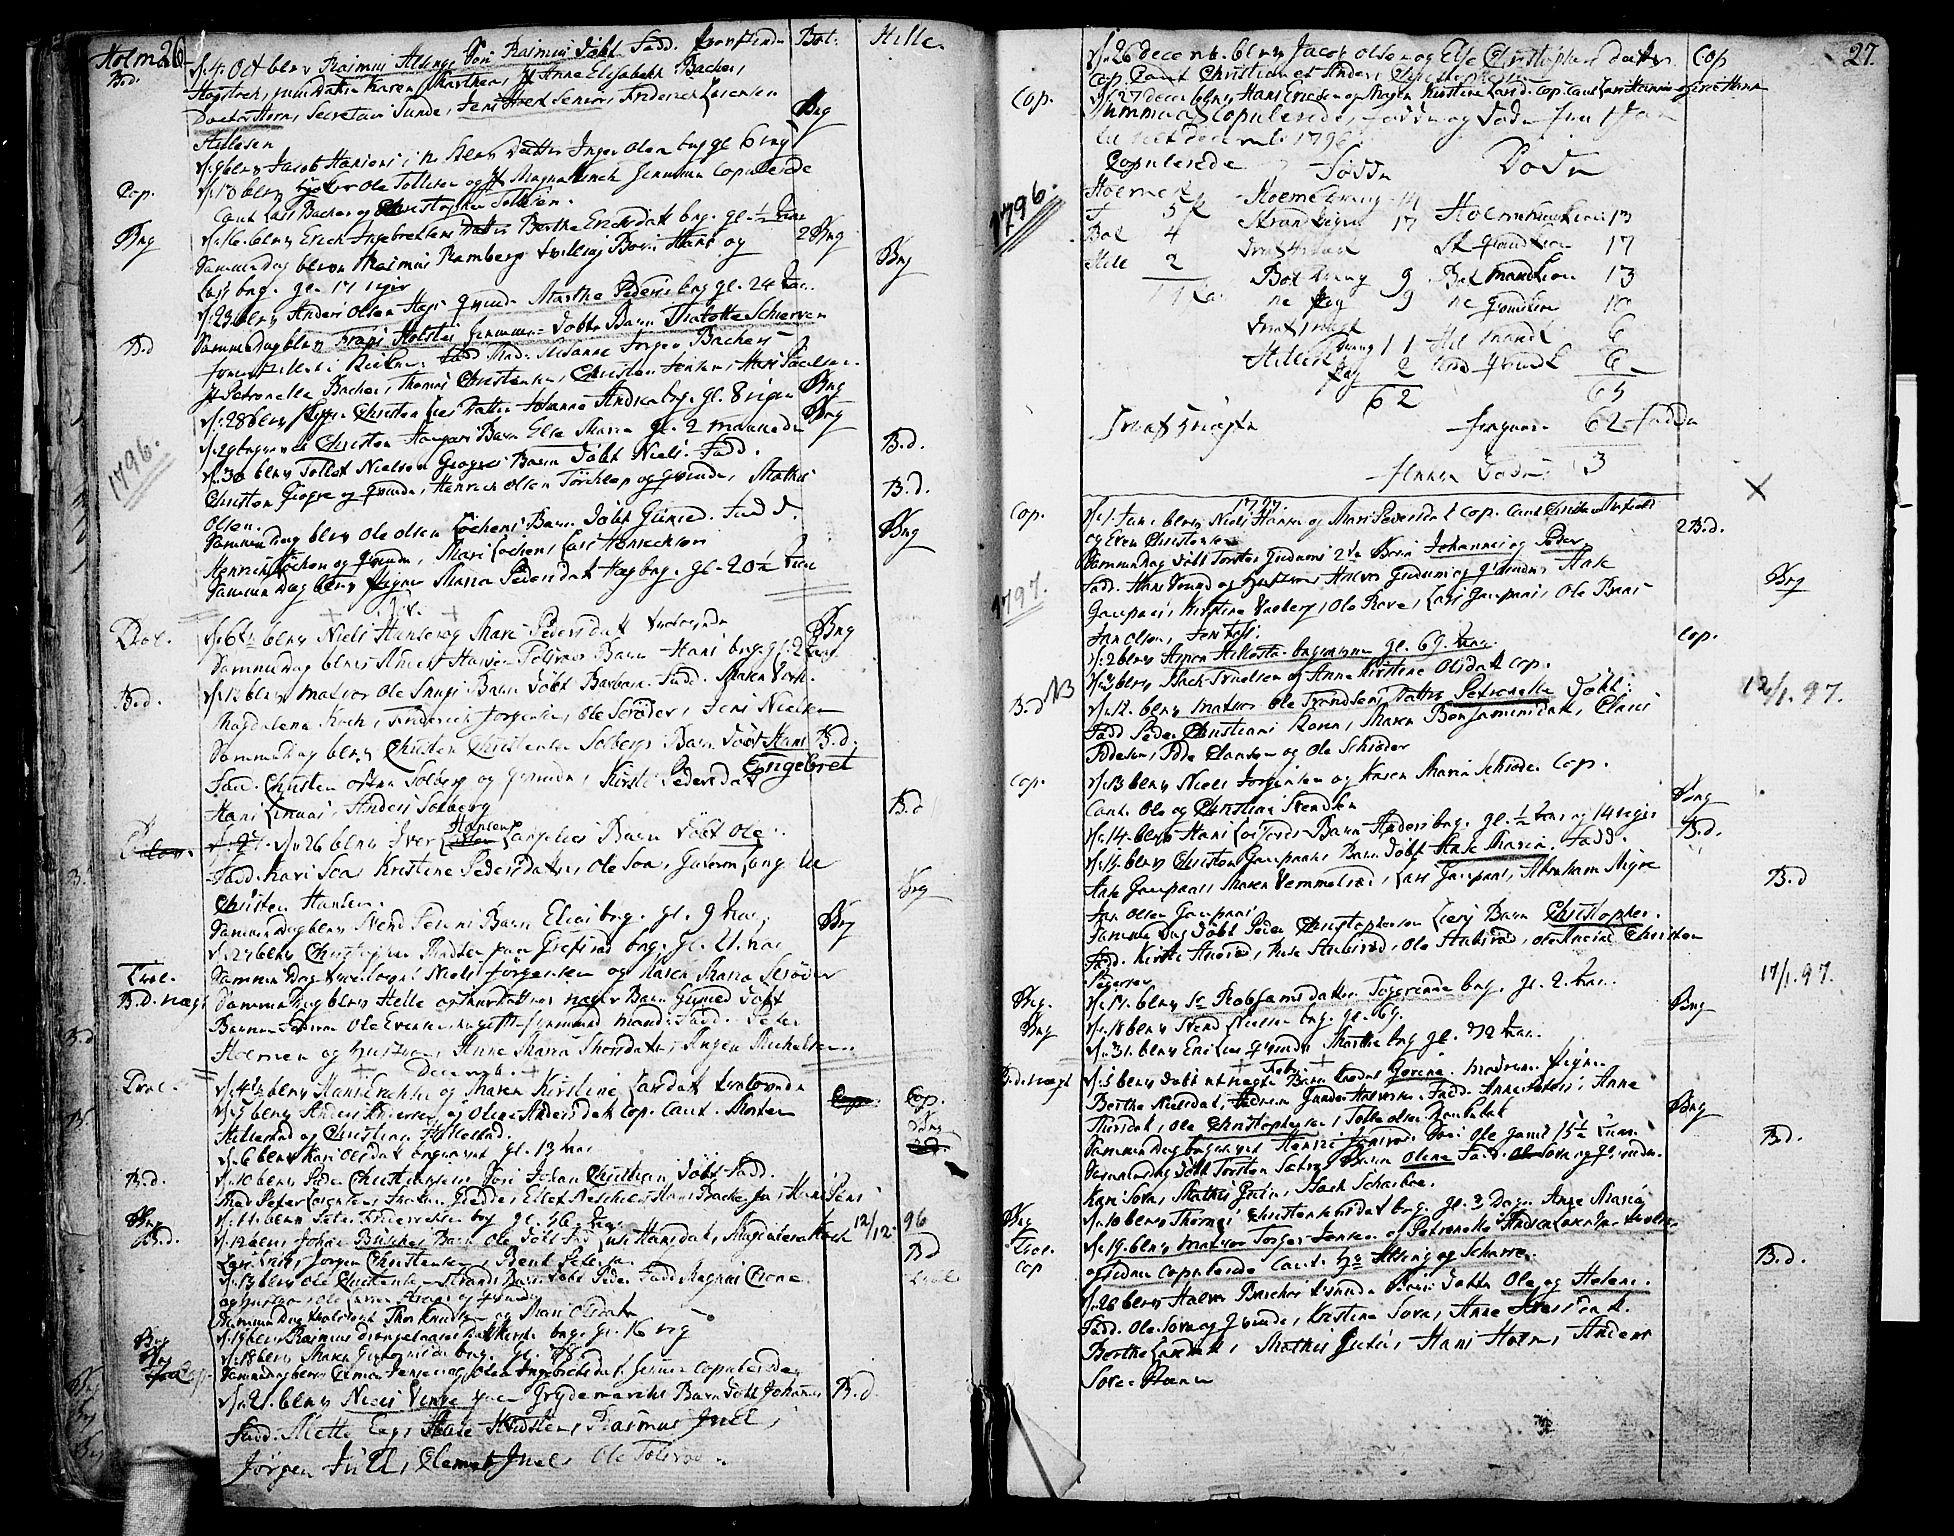 SAKO, Botne kirkebøker, F/Fa/L0003: Ministerialbok nr. I 3 /1, 1792-1844, s. 26-27